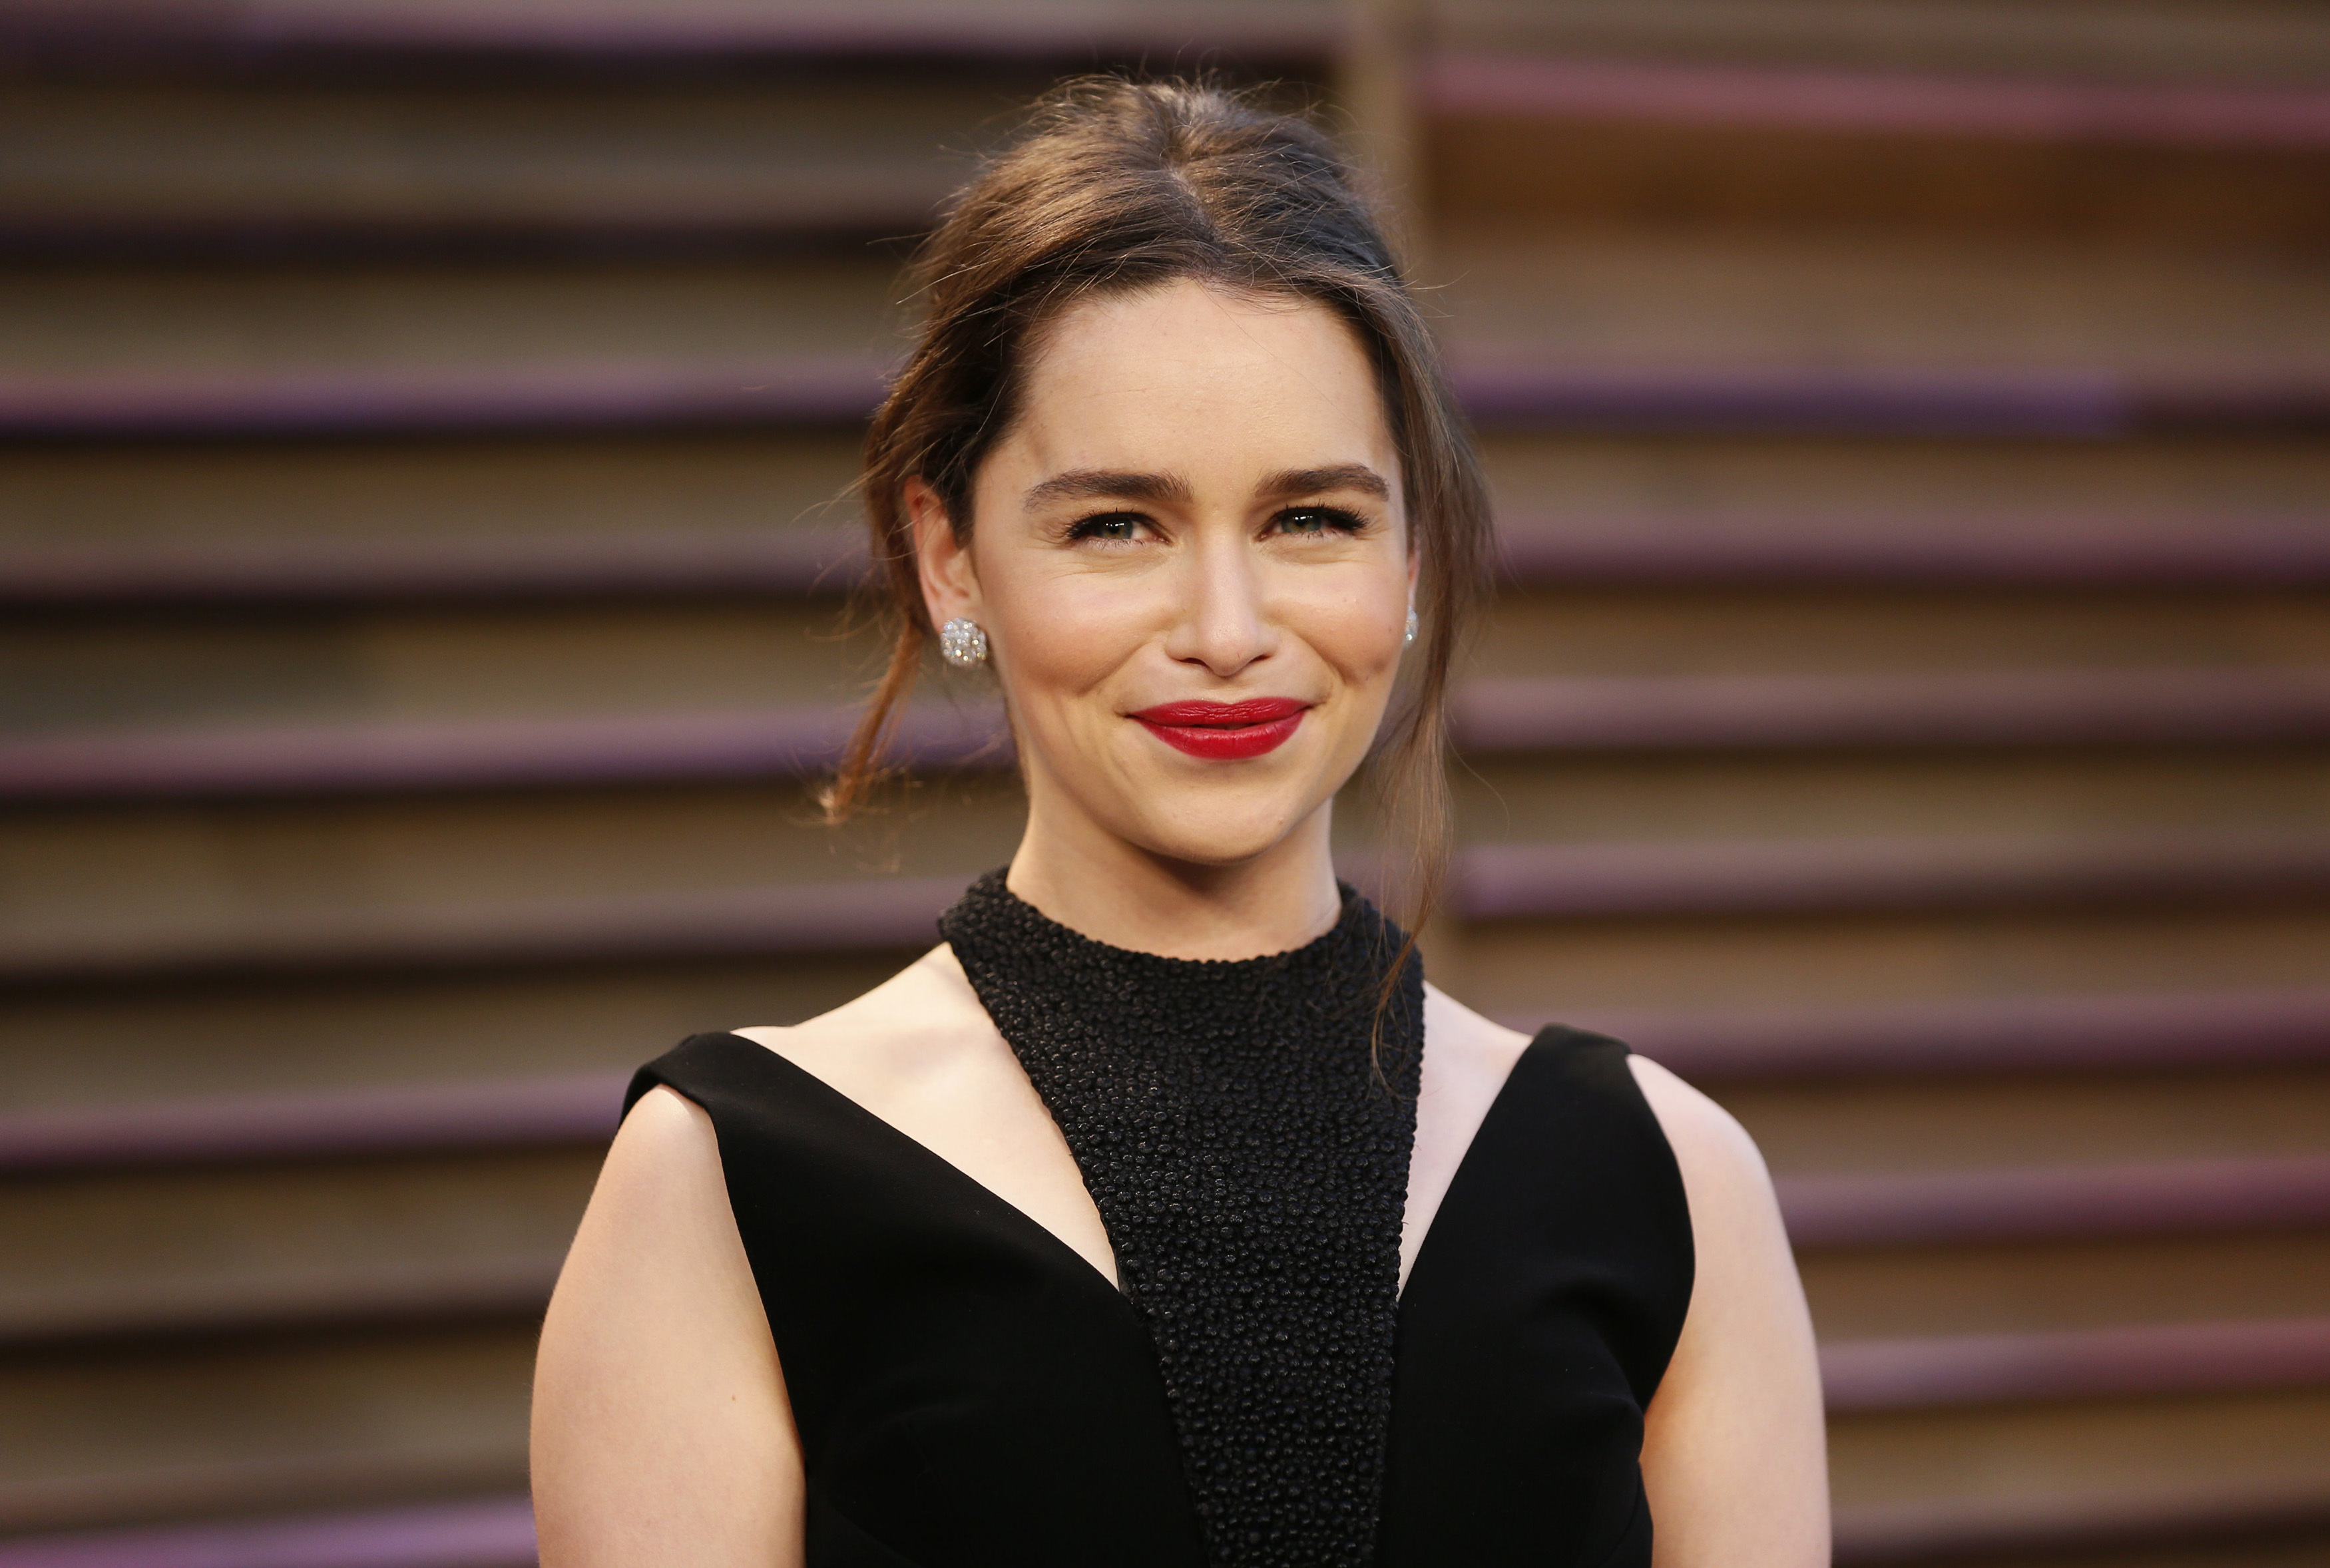 Emilia Clarke High Definition